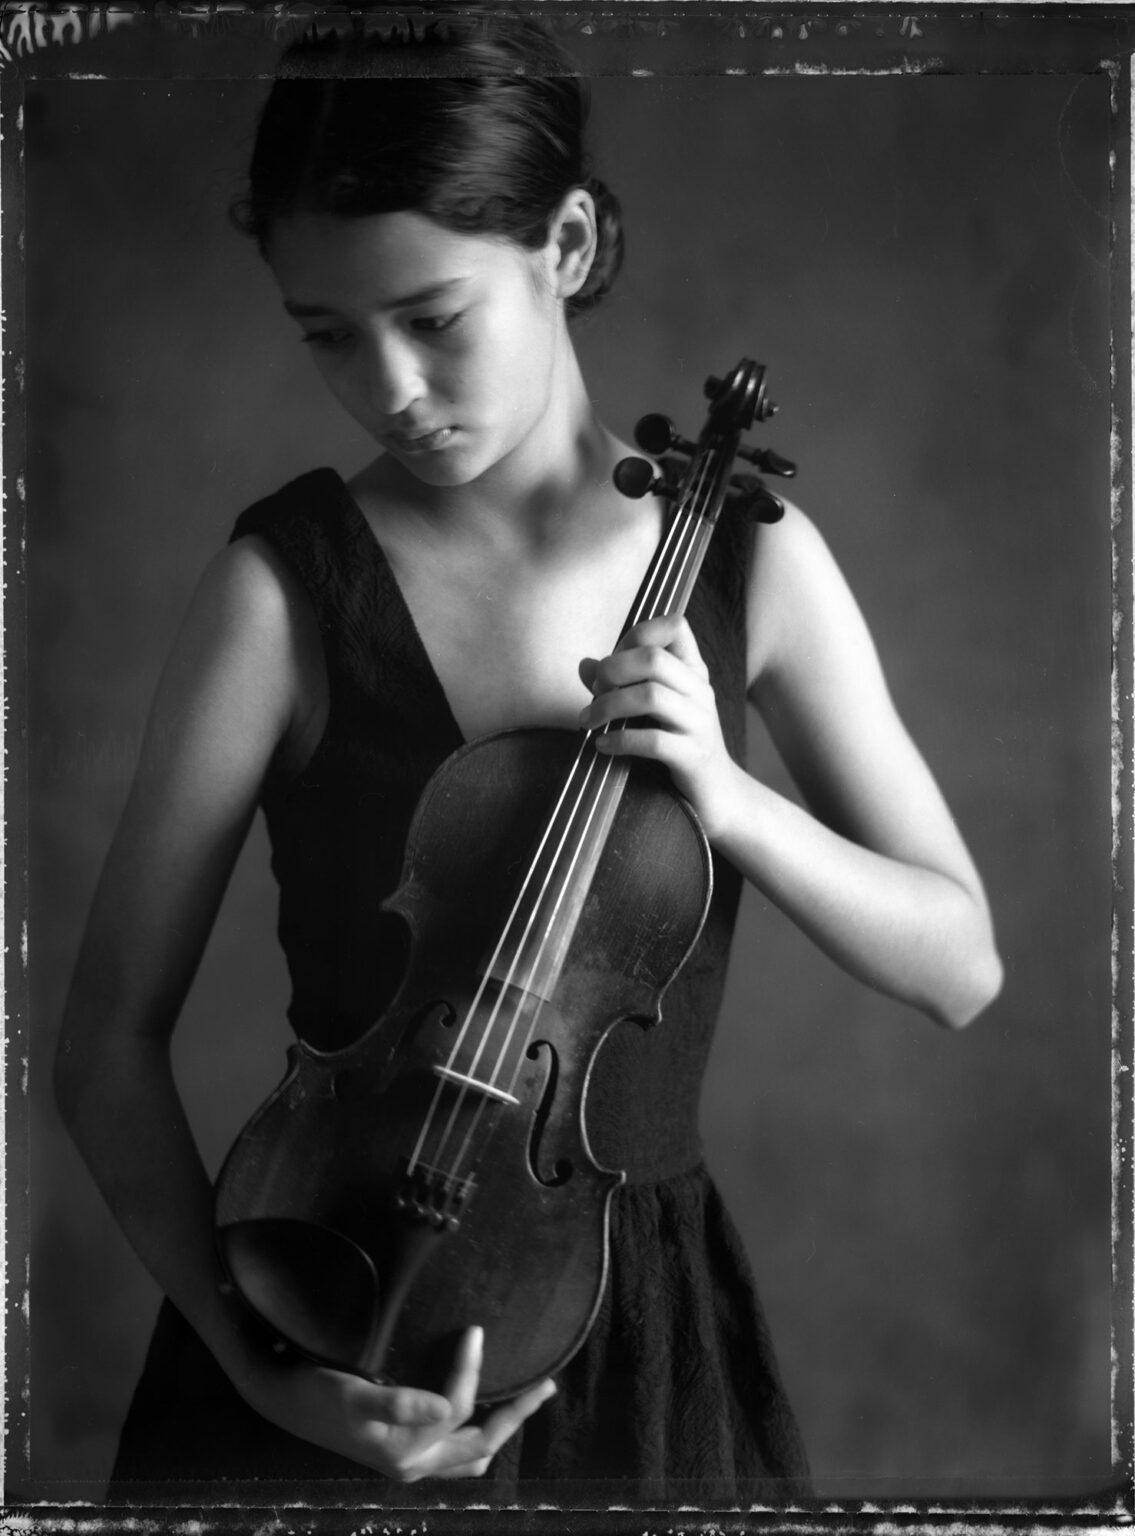 55-Alex-viola